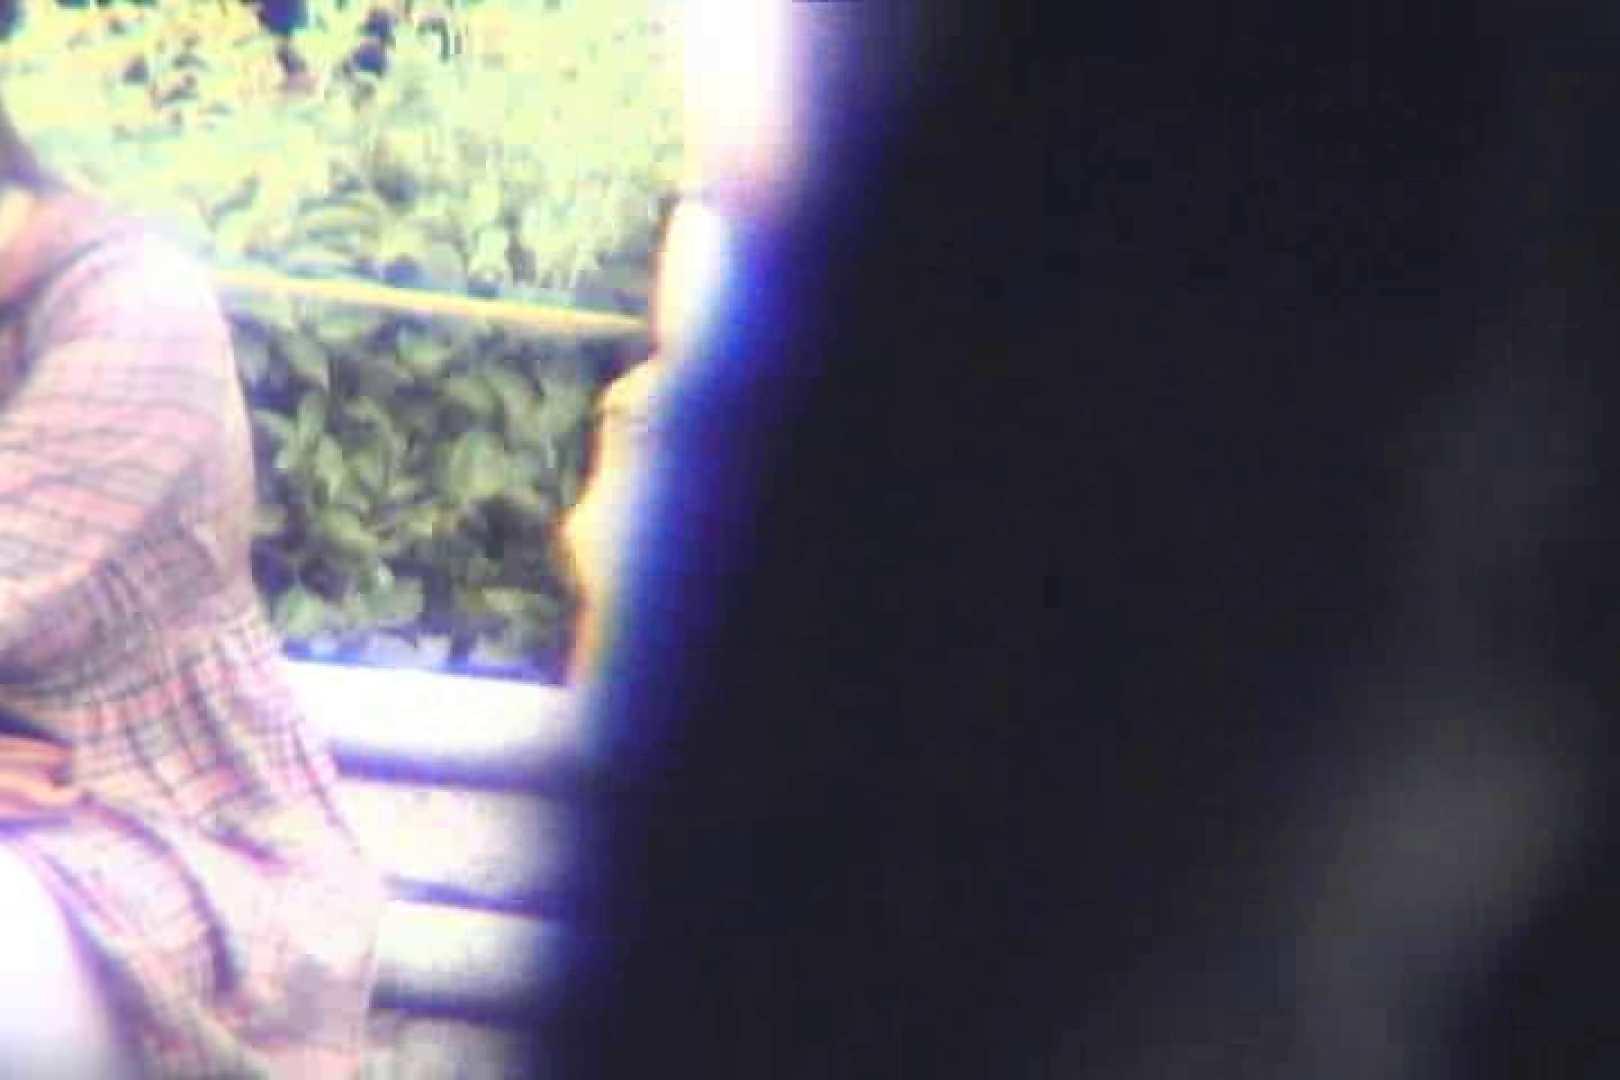 超最新版!春夏秋冬 vol.04 ティーンギャル おまんこ無修正動画無料 87連発 54